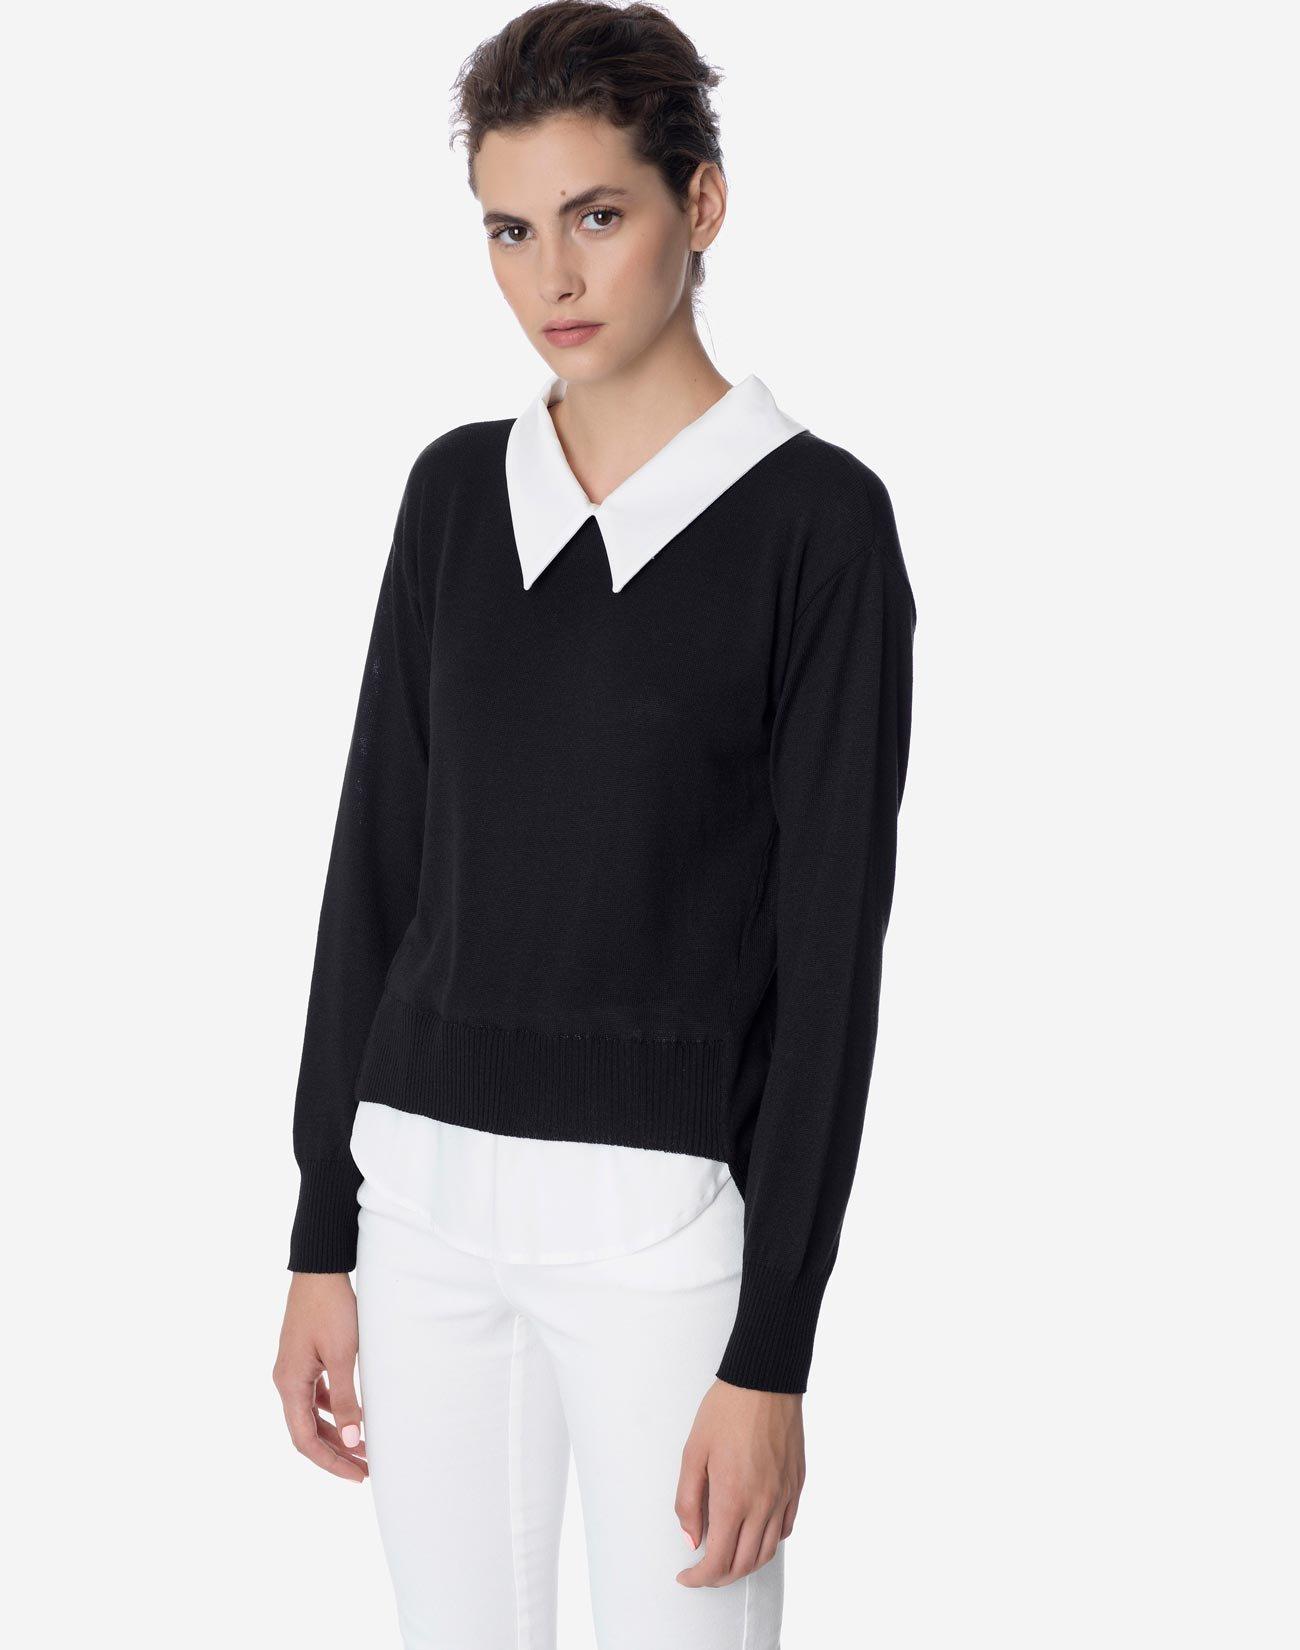 Πλεκτή μπλούζα με γιακά